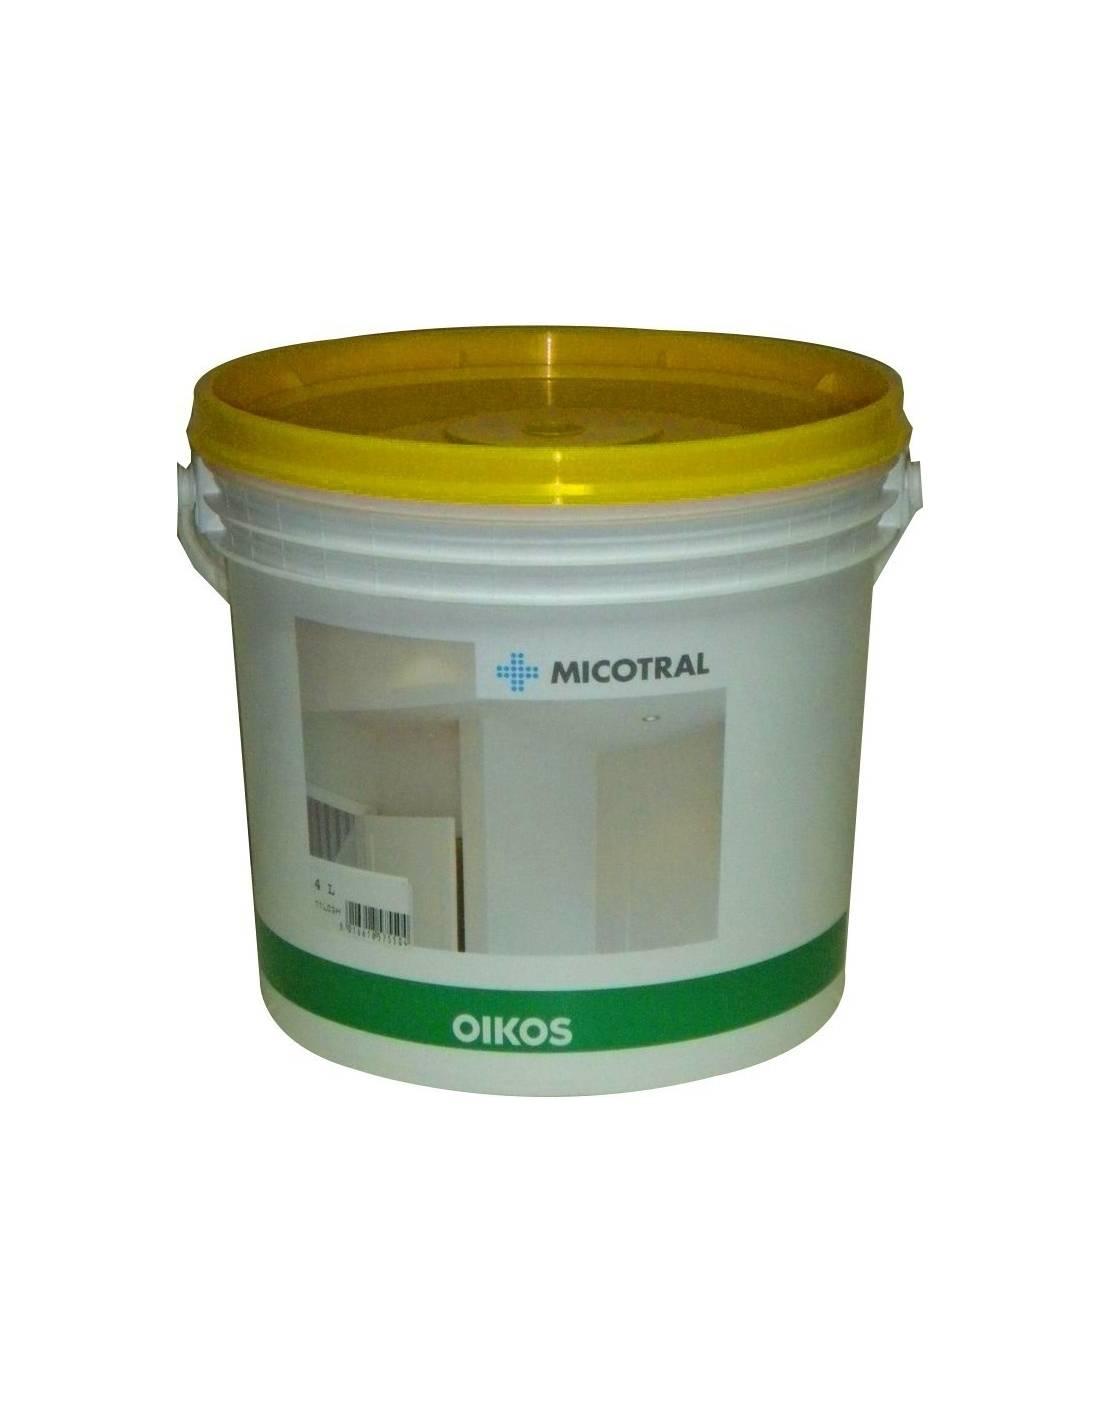 Pittura termica oikos colori per dipingere sulla pelle for Pittura brillantinata oikos